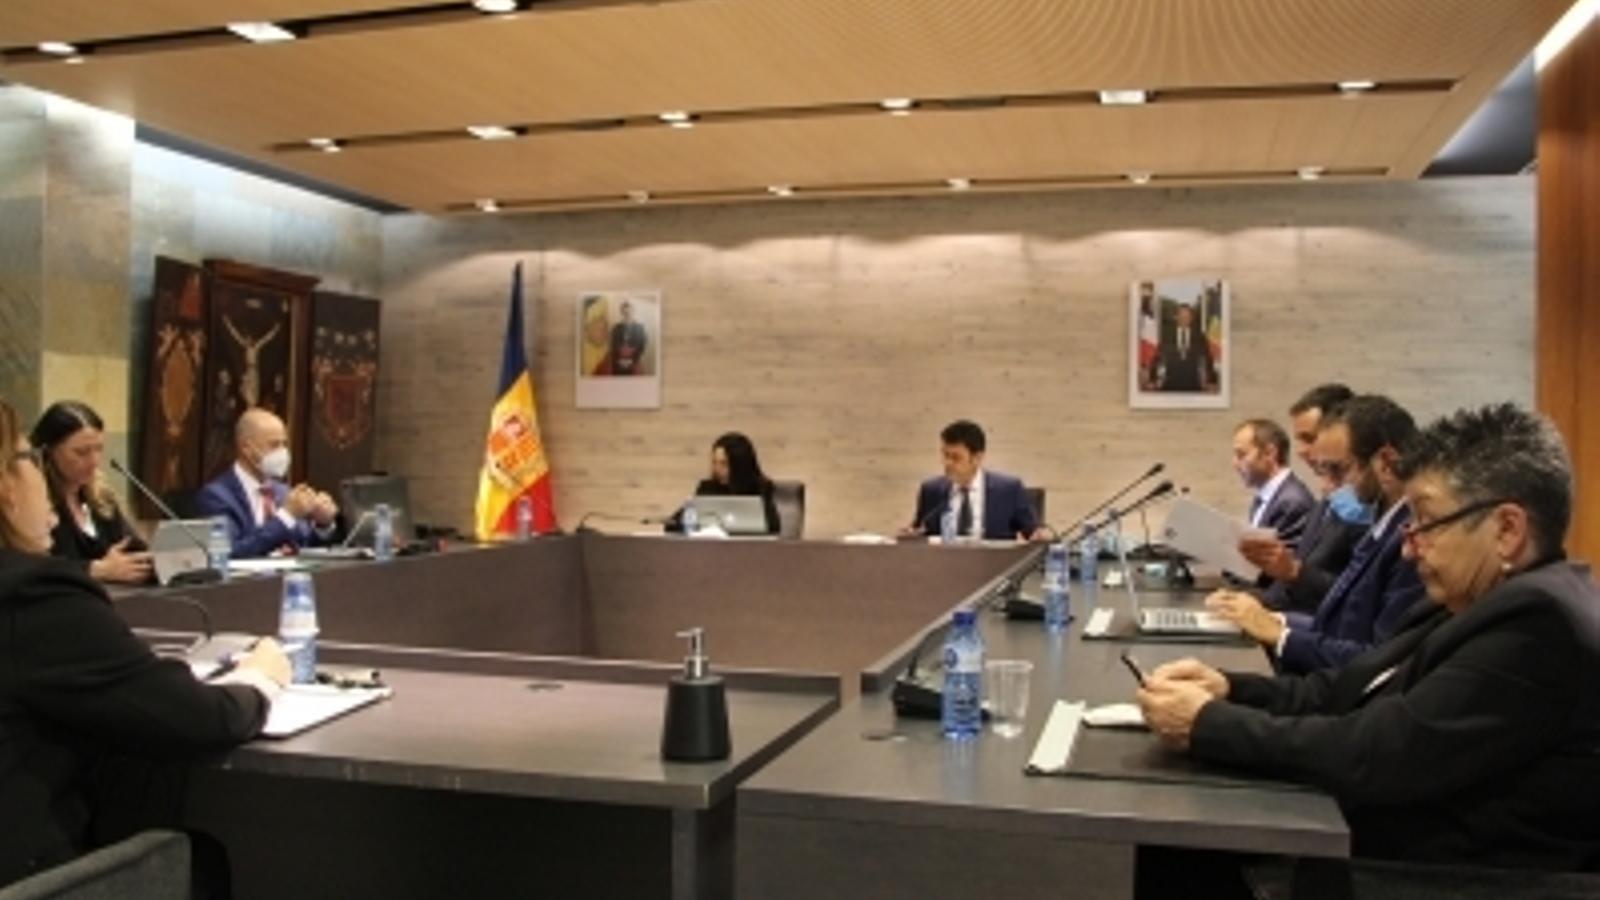 El consell de comú d'Ordino es rebaixa el sou un 15% fins al desembre